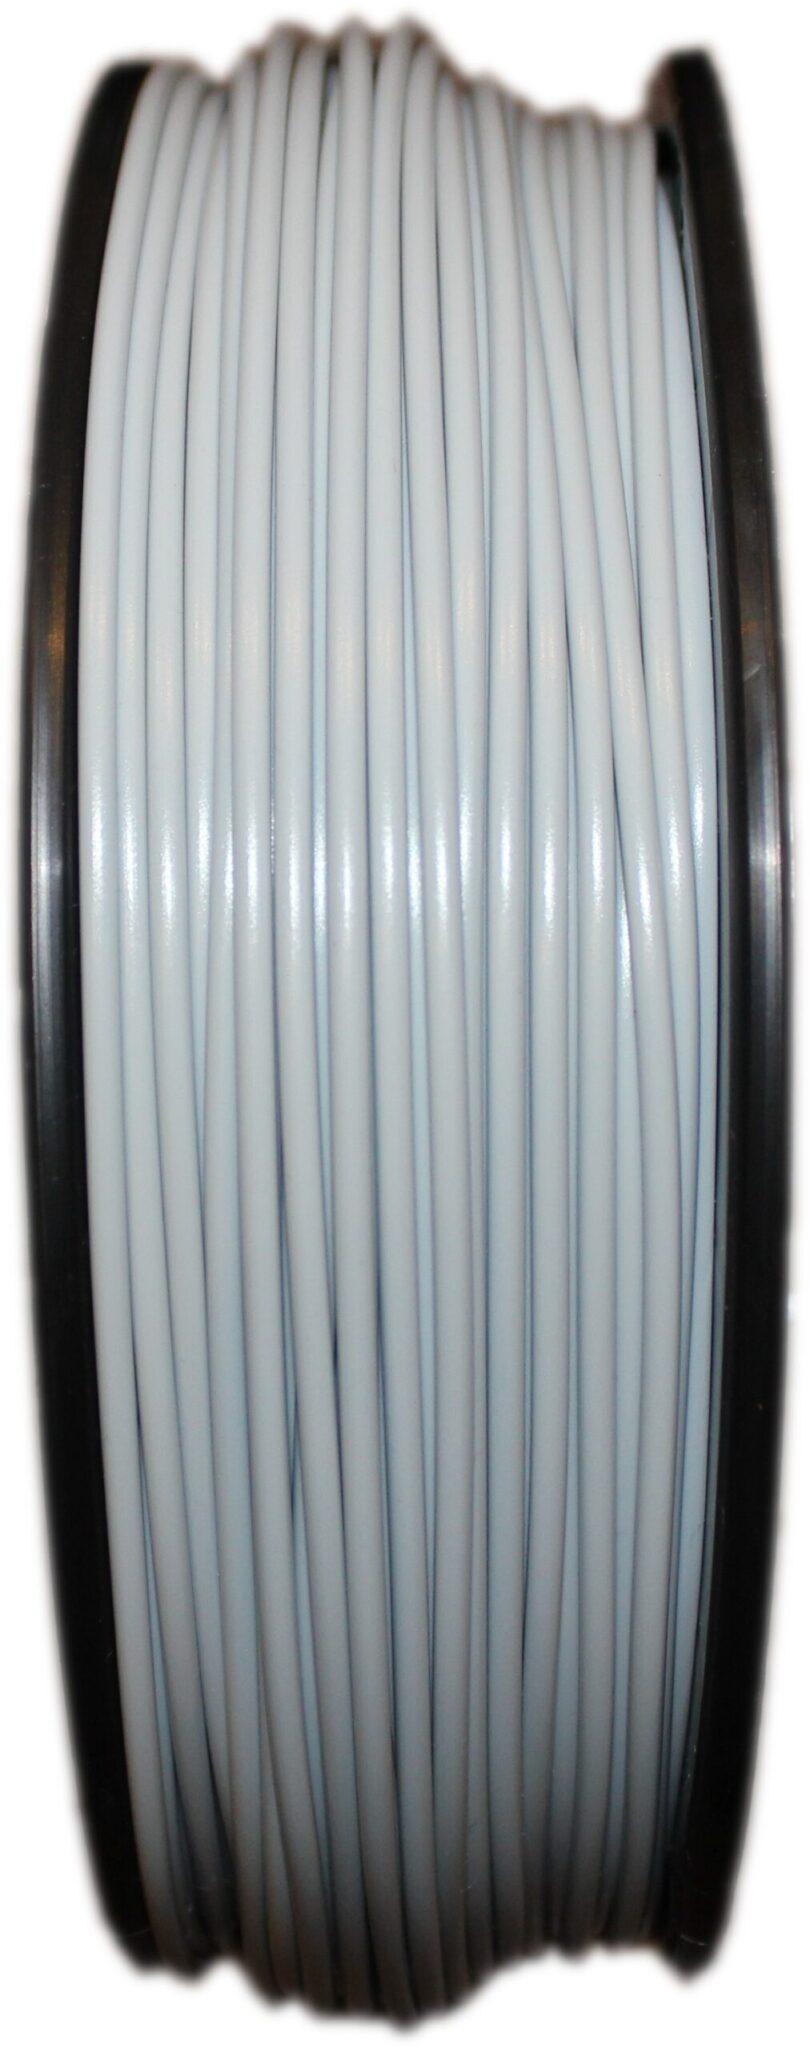 Aurarum PLA 3D Printer Filament - Grey 2.85mm 1Kg